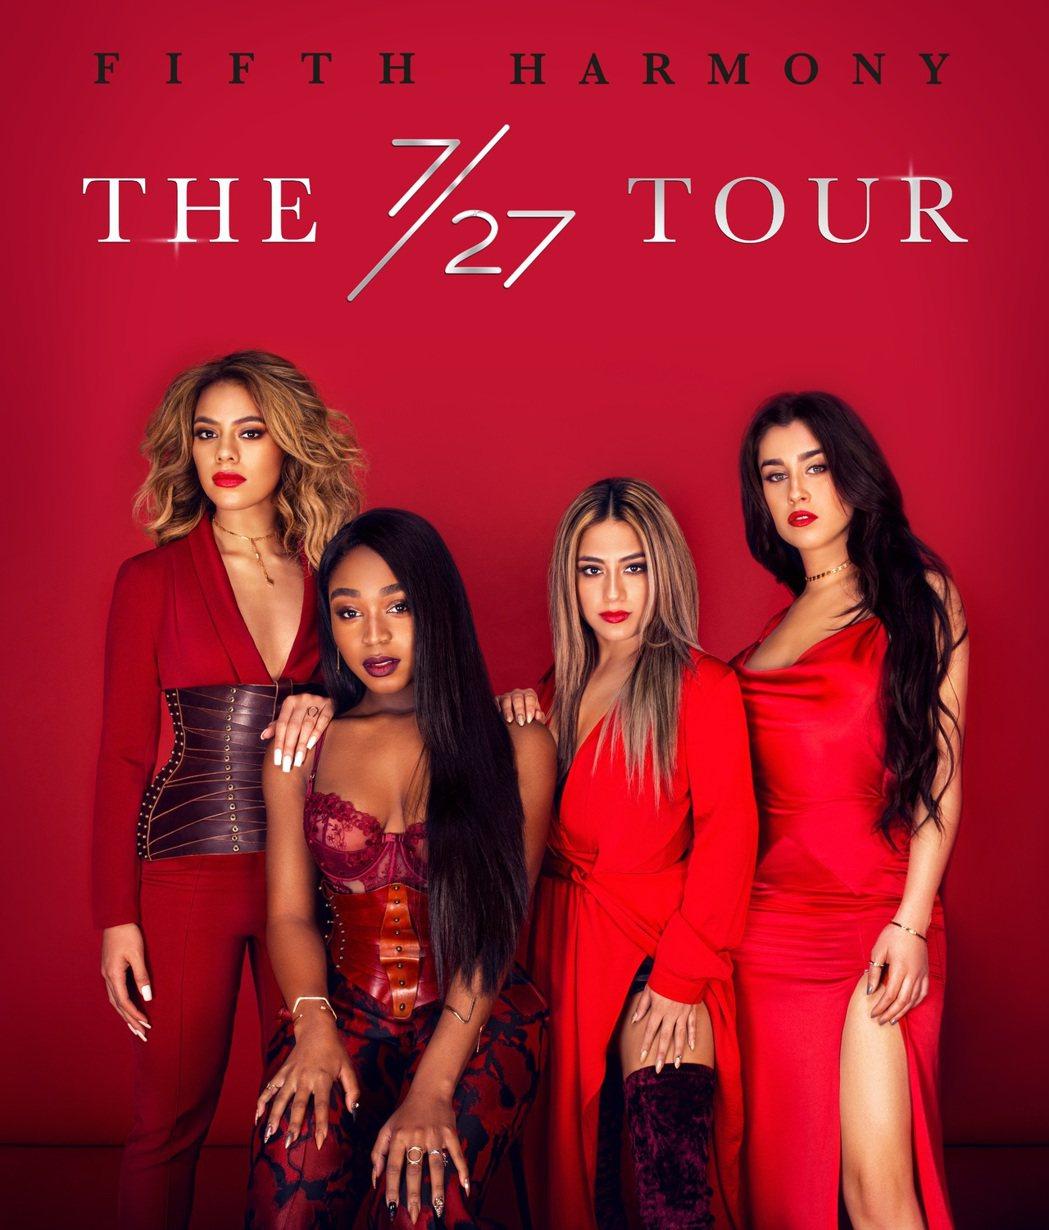 全球13億點擊YouTube年度冠軍神曲,五佳人4月1日在台大綜合體育館開唱。圖